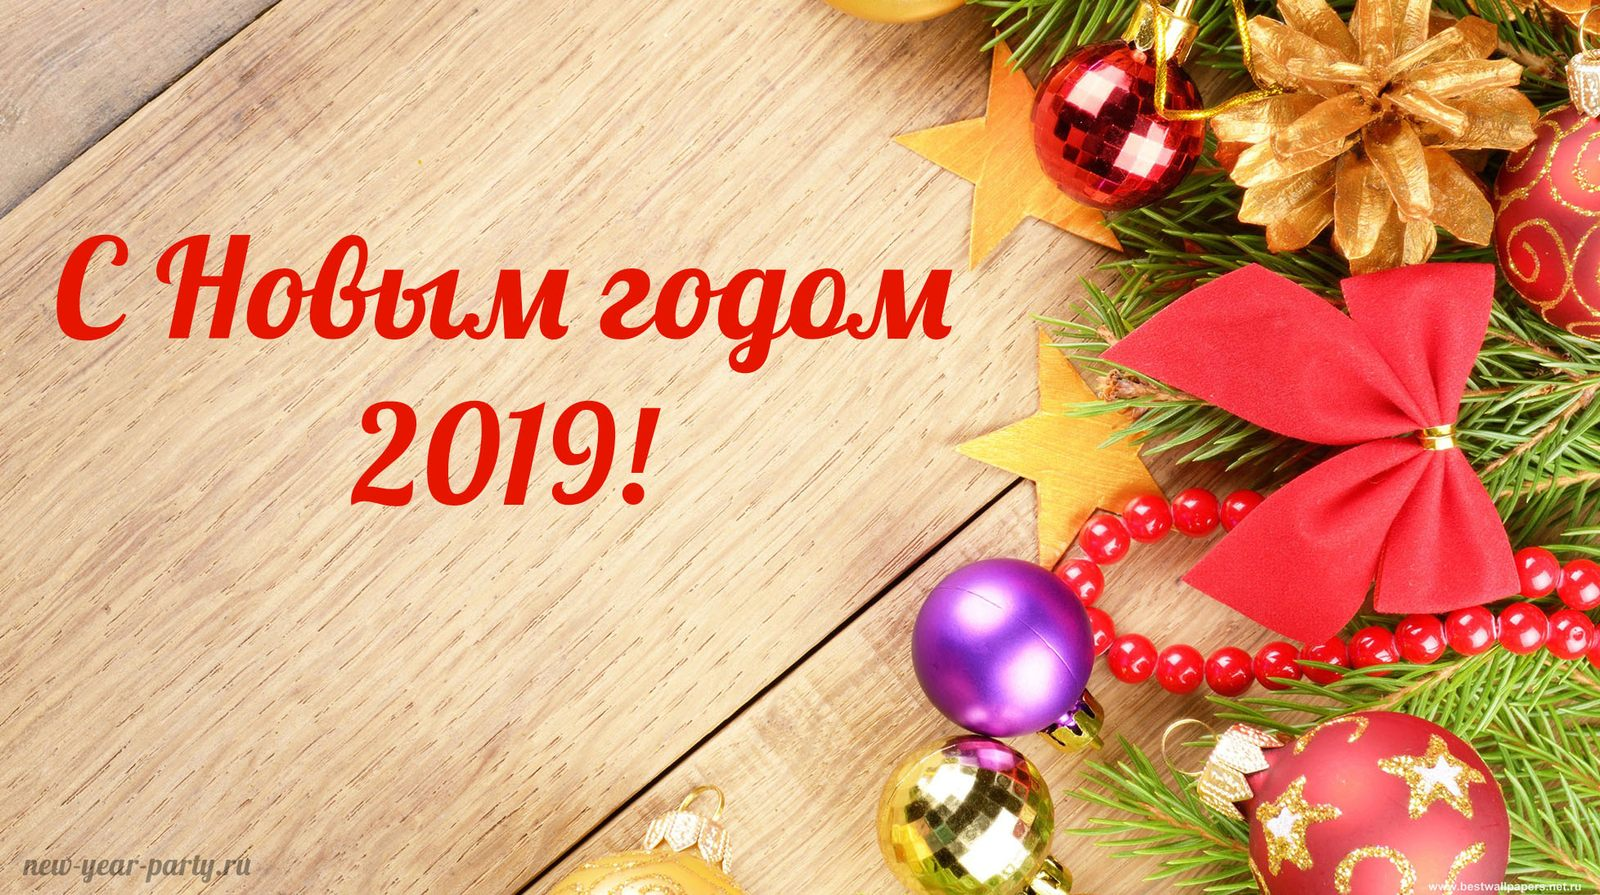 Вооружение россии в 2019 году - КалендарьГода новые фото